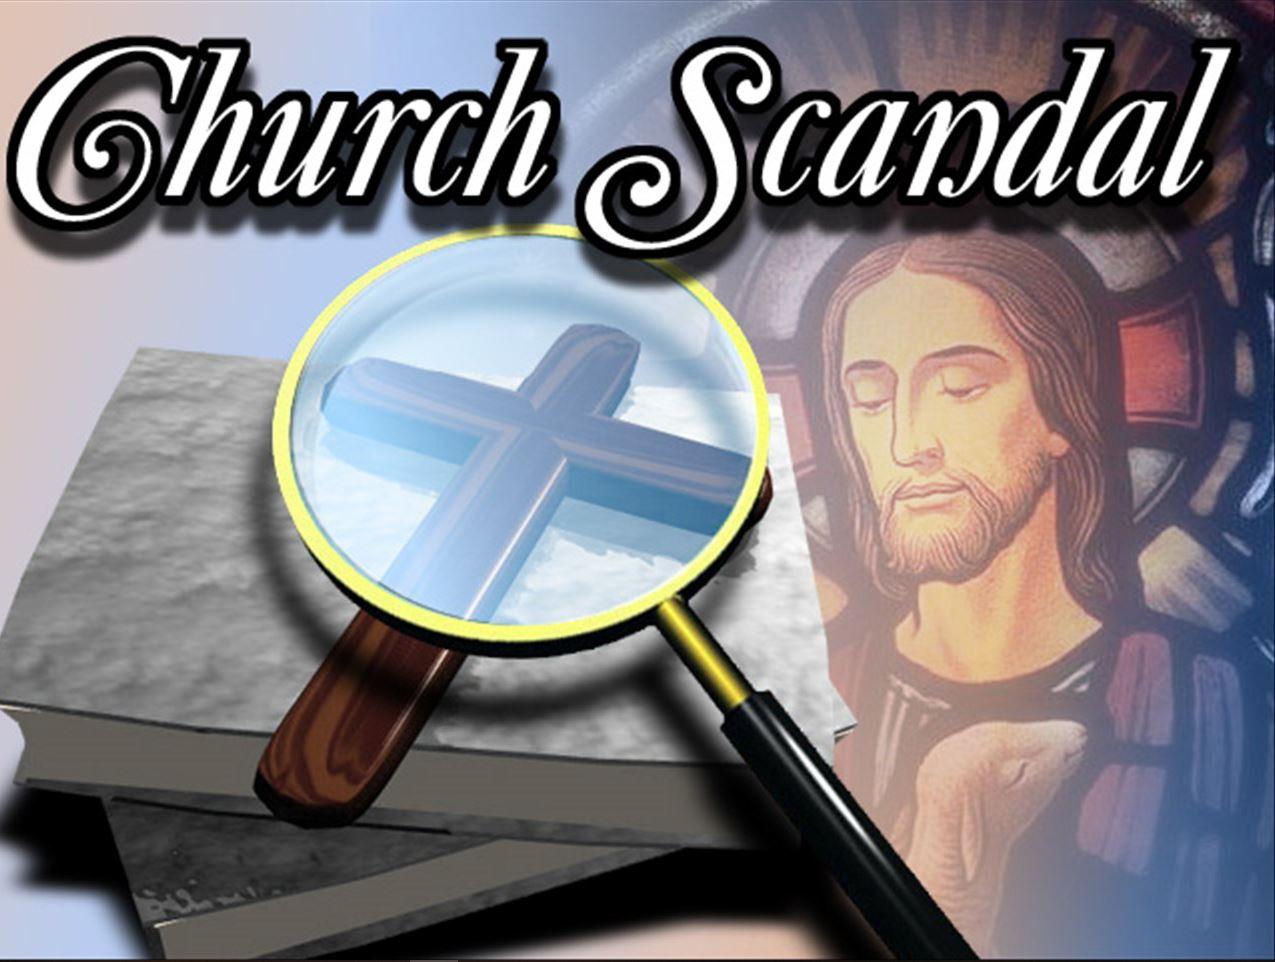 Church scandal 11-10-18_1541899316806.JPG.jpg